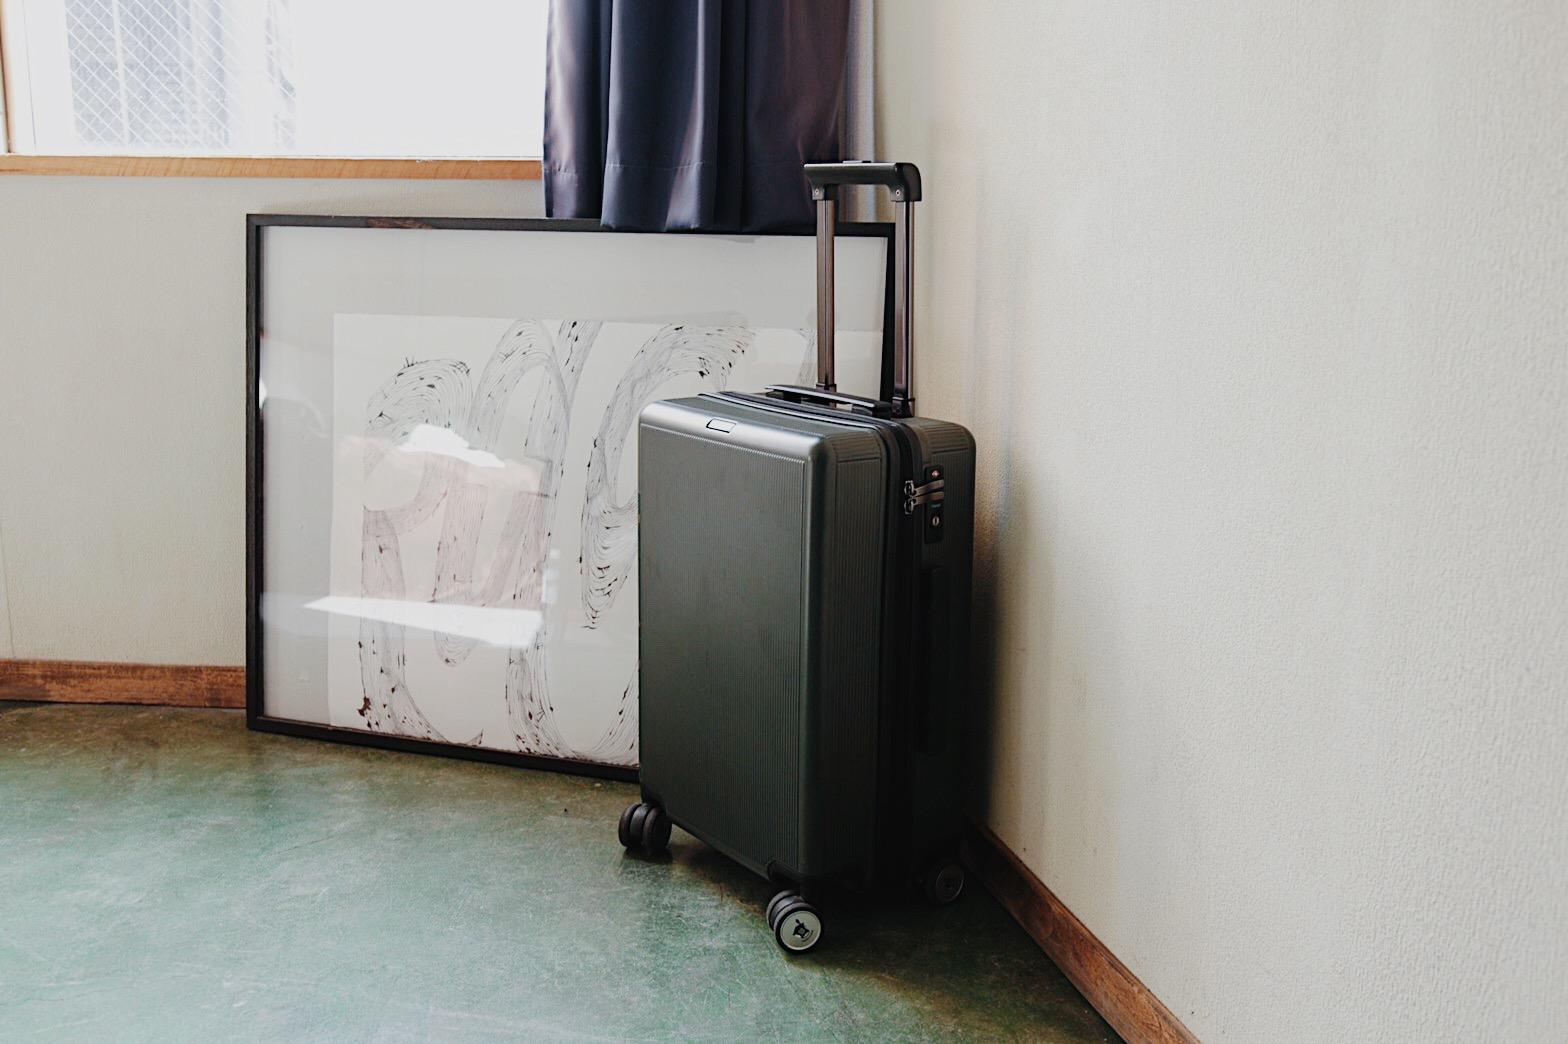 ホテル暮らし、どのくらいの「荷物」で生活していますか?経験者の生の声を聞いてみました